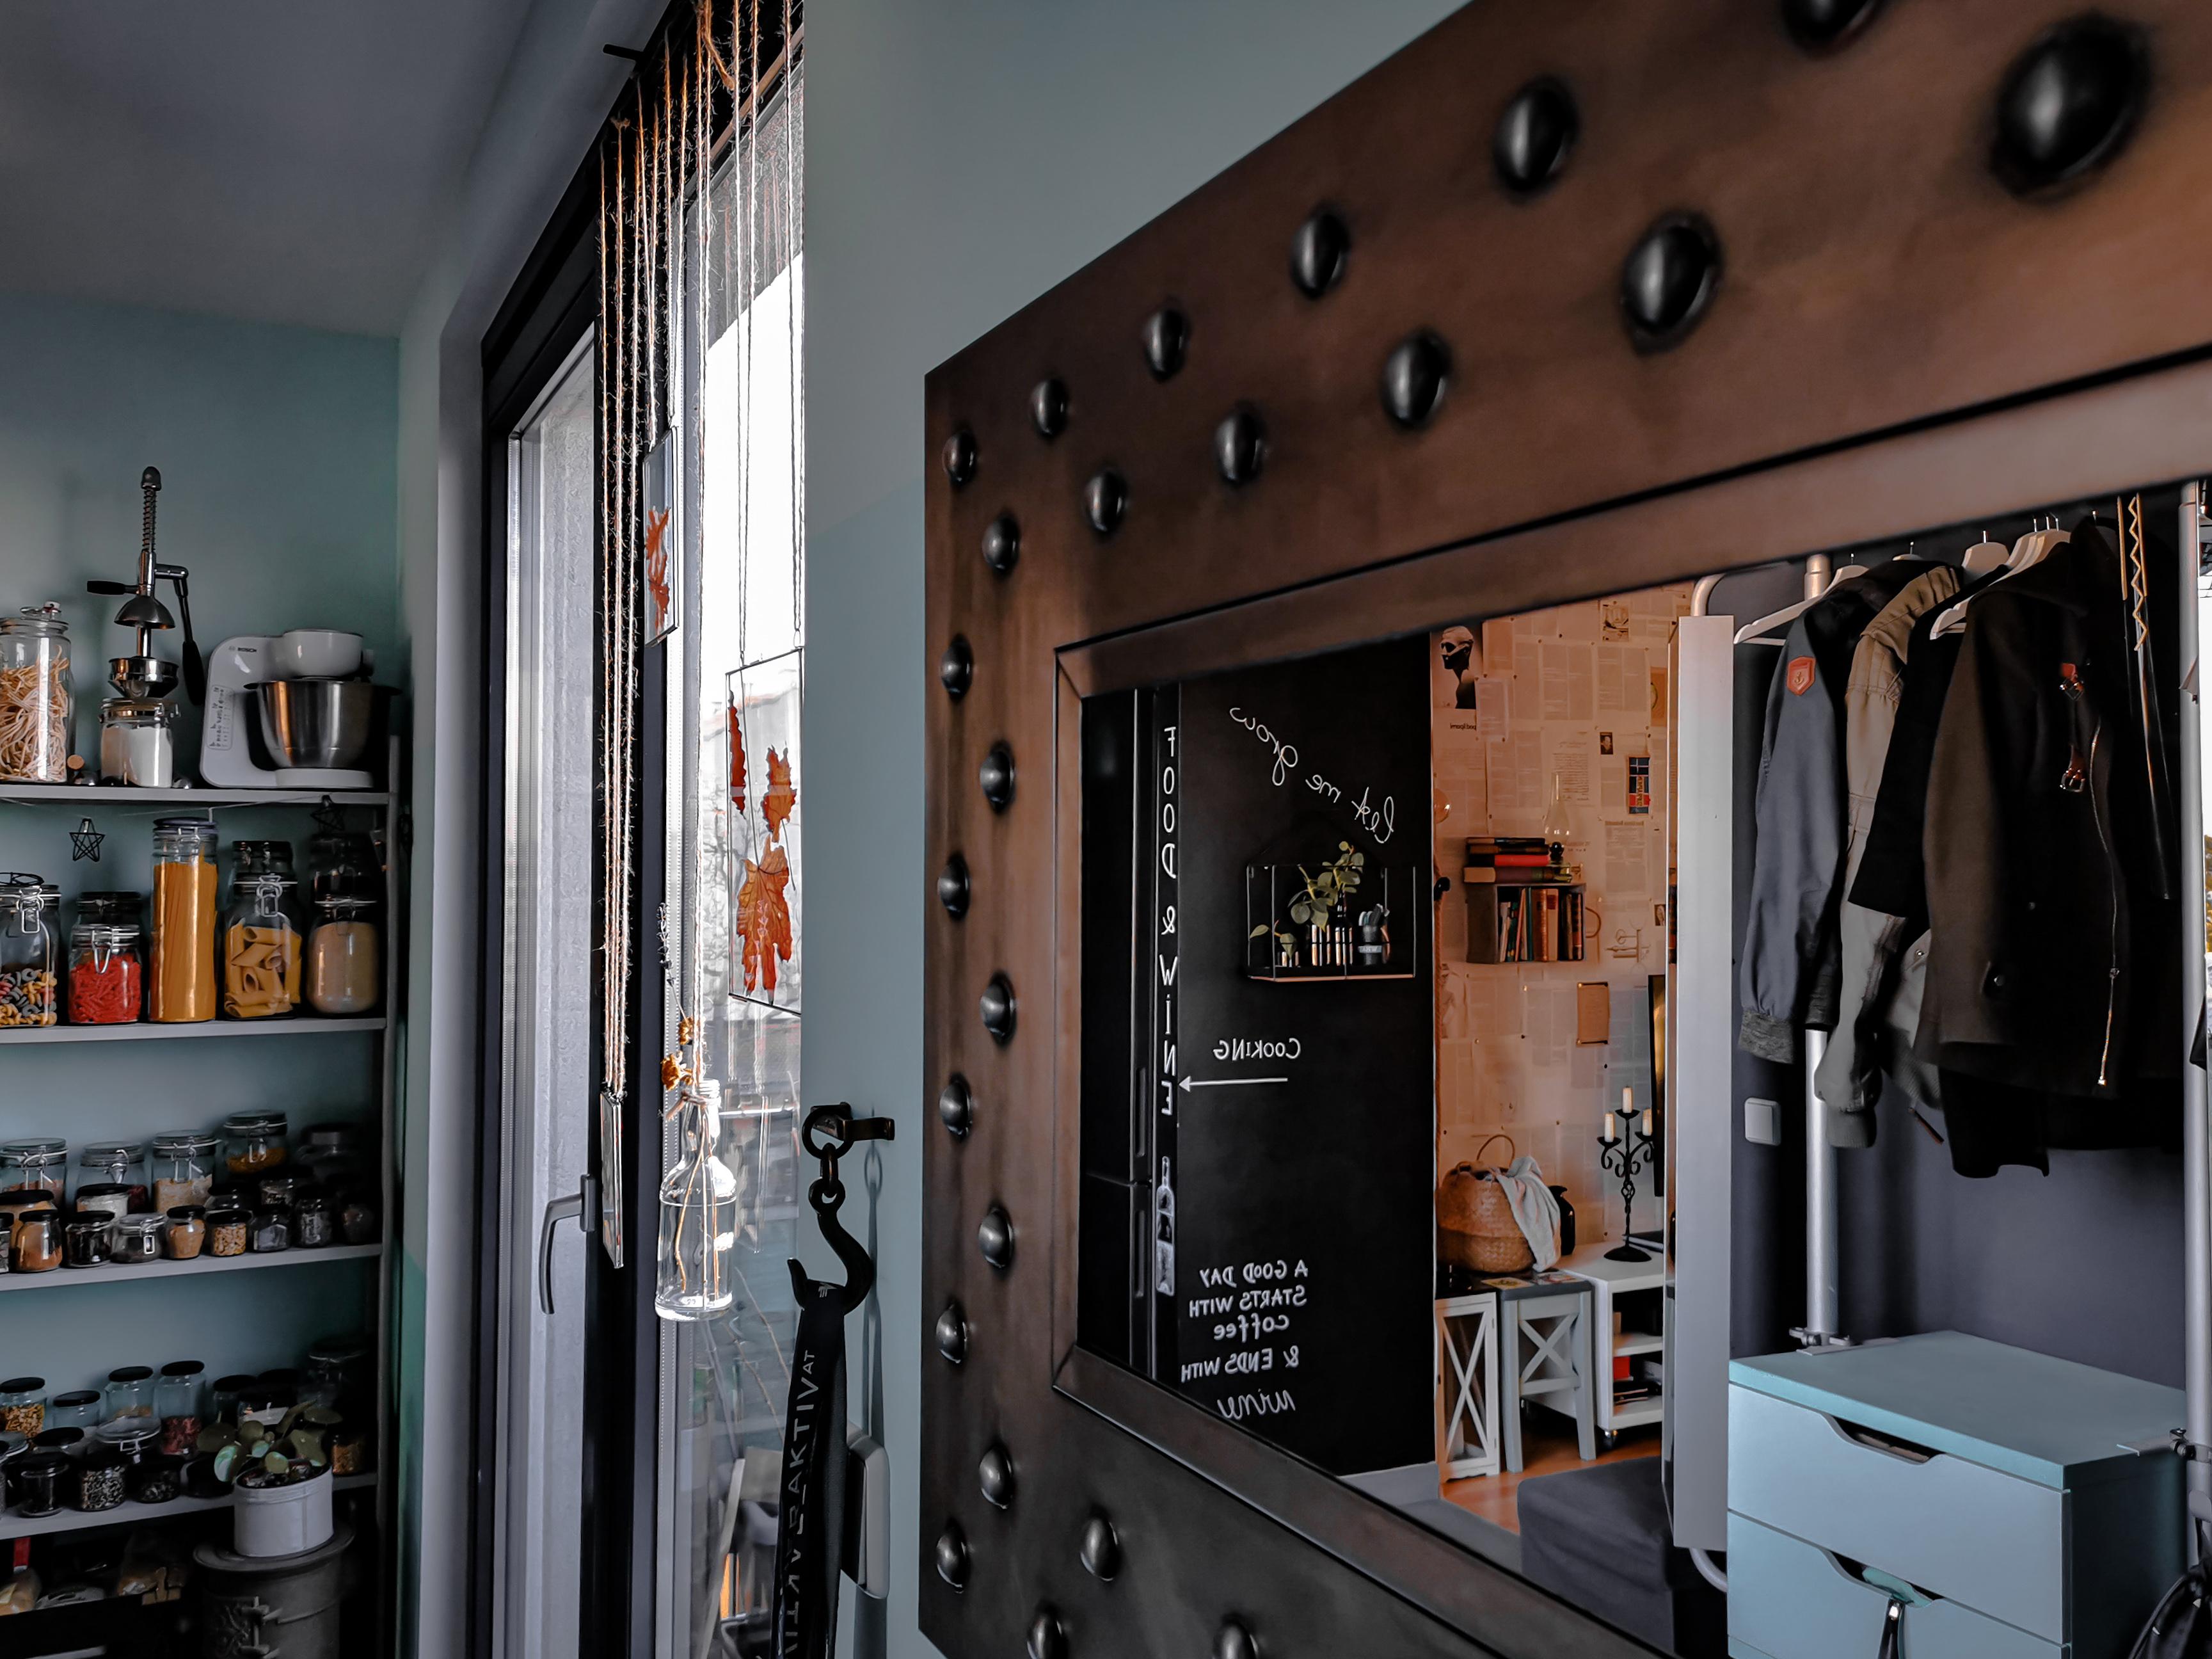 IMG 20200208 153342 - Projekt Vorzimmer: 11 DIY-Ideen an einem Ort